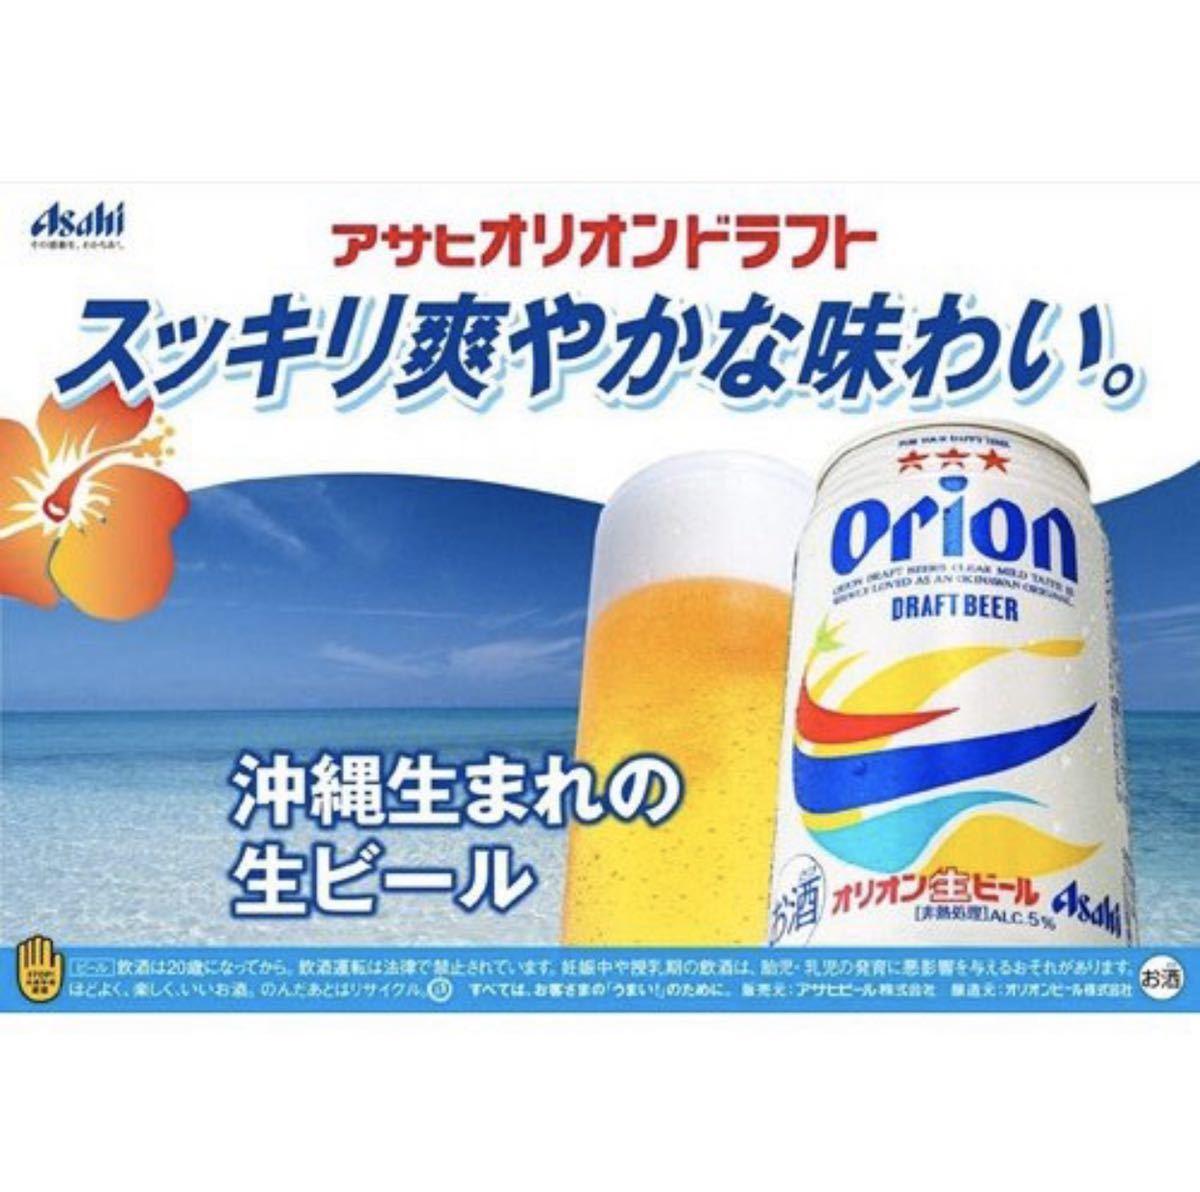 オリオンビール オリオンドラフト350ml×24缶  送料無料  生ビール 一番人気 沖縄_画像3